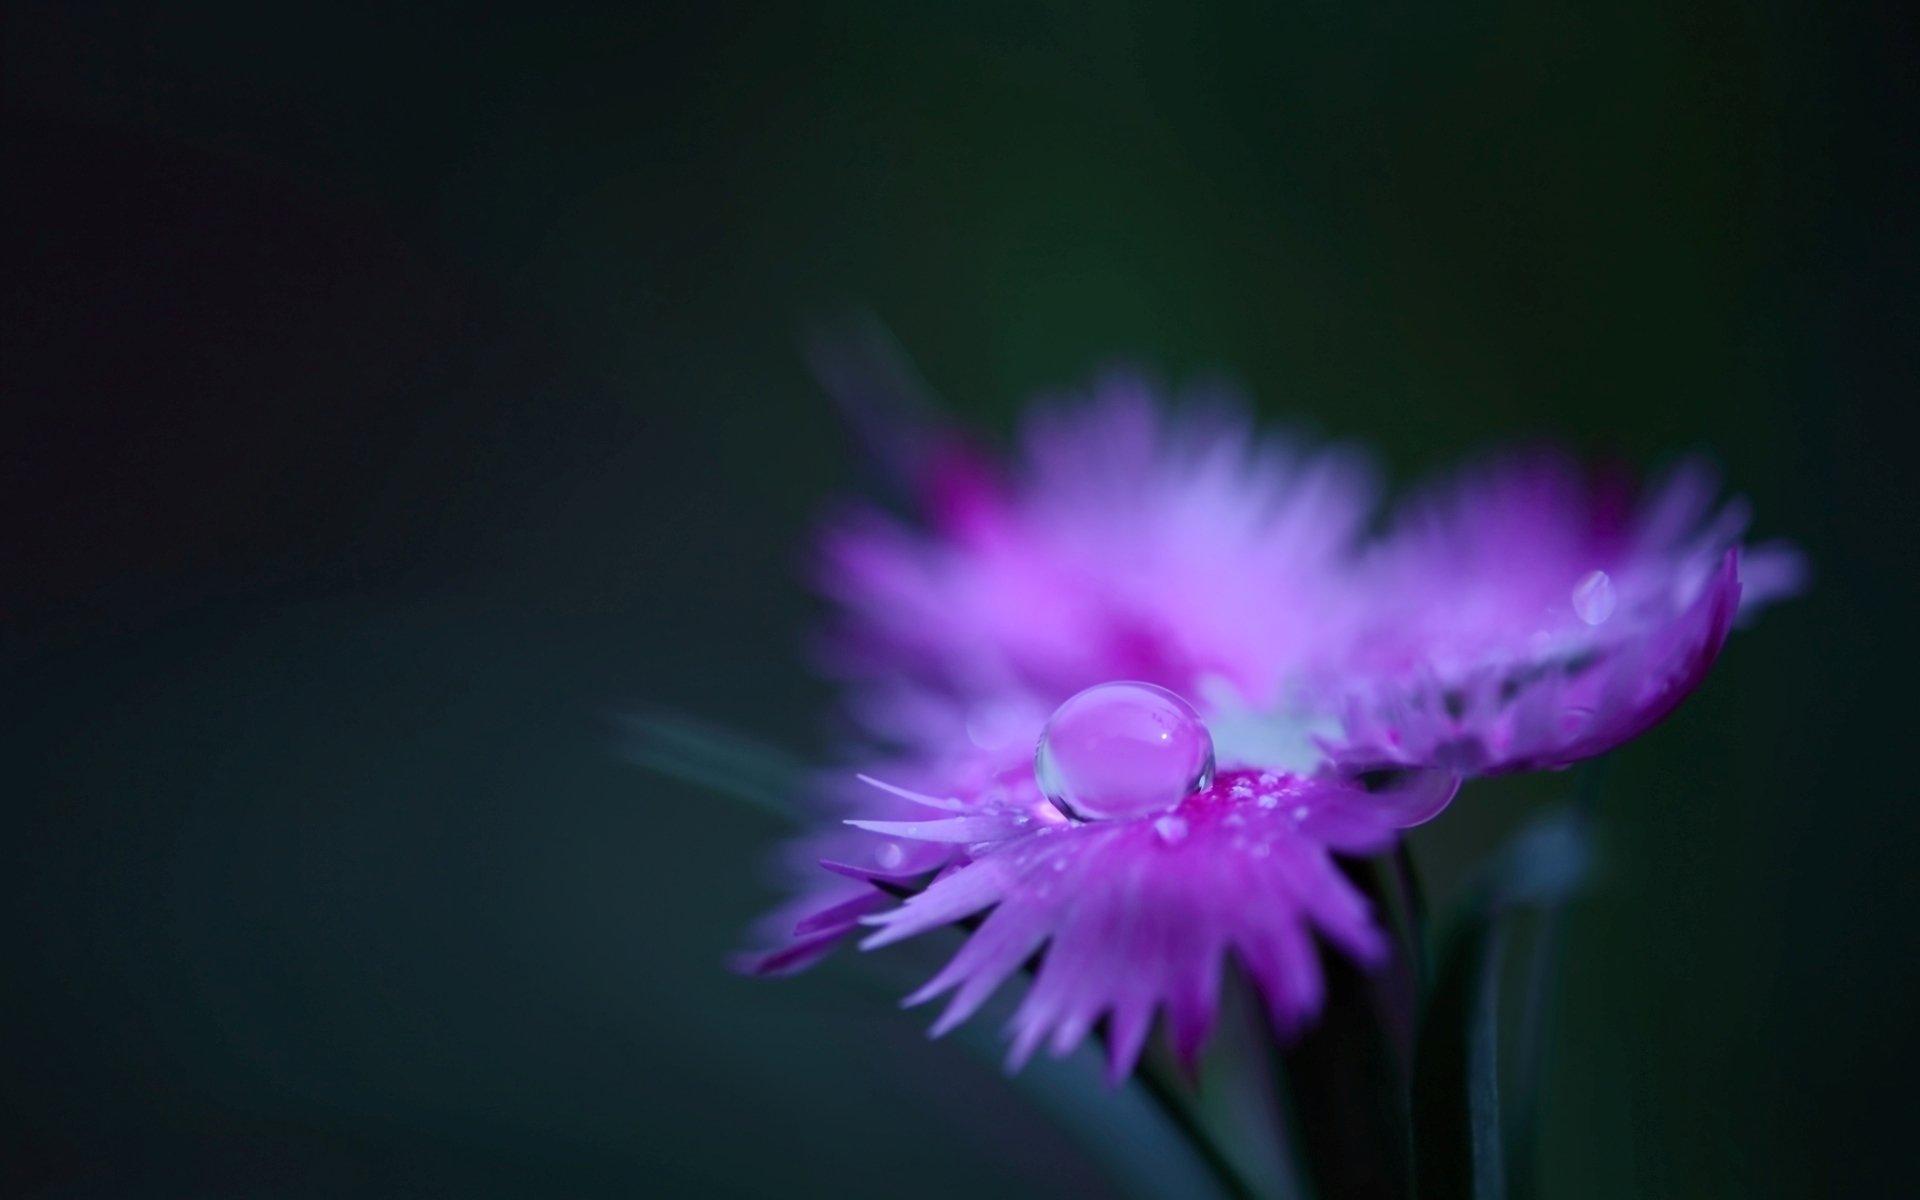 Цветок капли размытость скачать